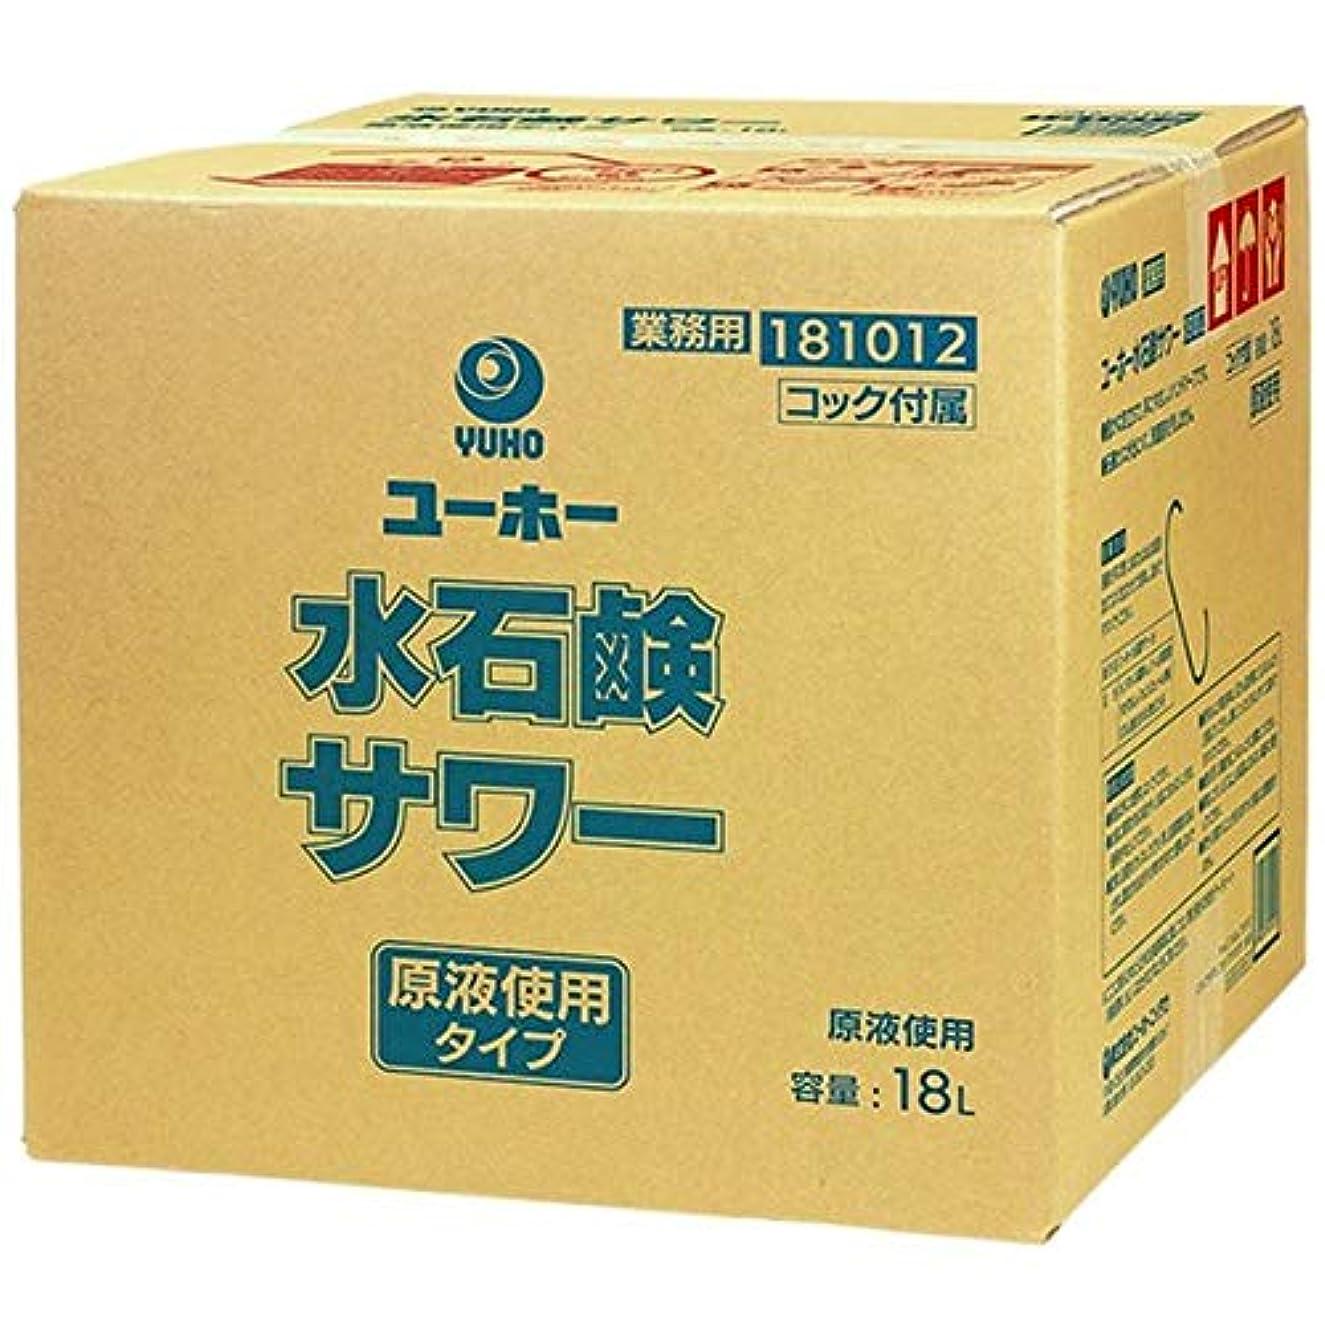 肝社会主義者精通した業務用 ハンドソープ 水石鹸サワー 原液タイプ 18L 181011 (希釈しないで使用できる原液タイプのハンドソープ)